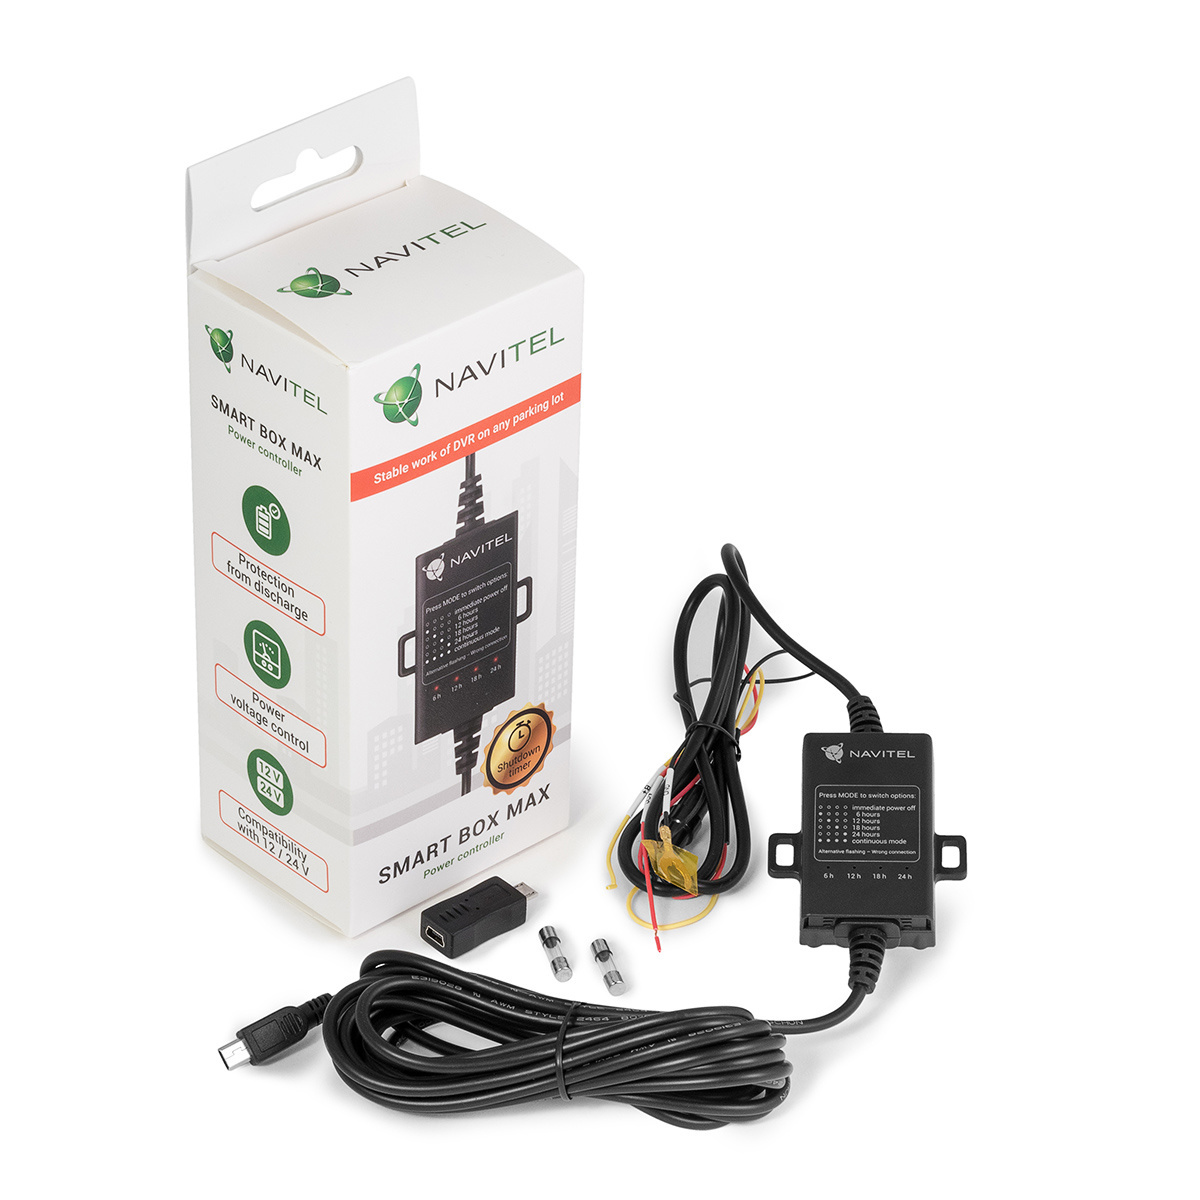 Navitel wprowadza specjalną, ogólnopolską promocję. Kupując dowolny wideorejestrator producenta, adapter zasilania NAVITEL SMART BOX MAX można nabyć za jedyne 29,99 zł. Fot. Navitel